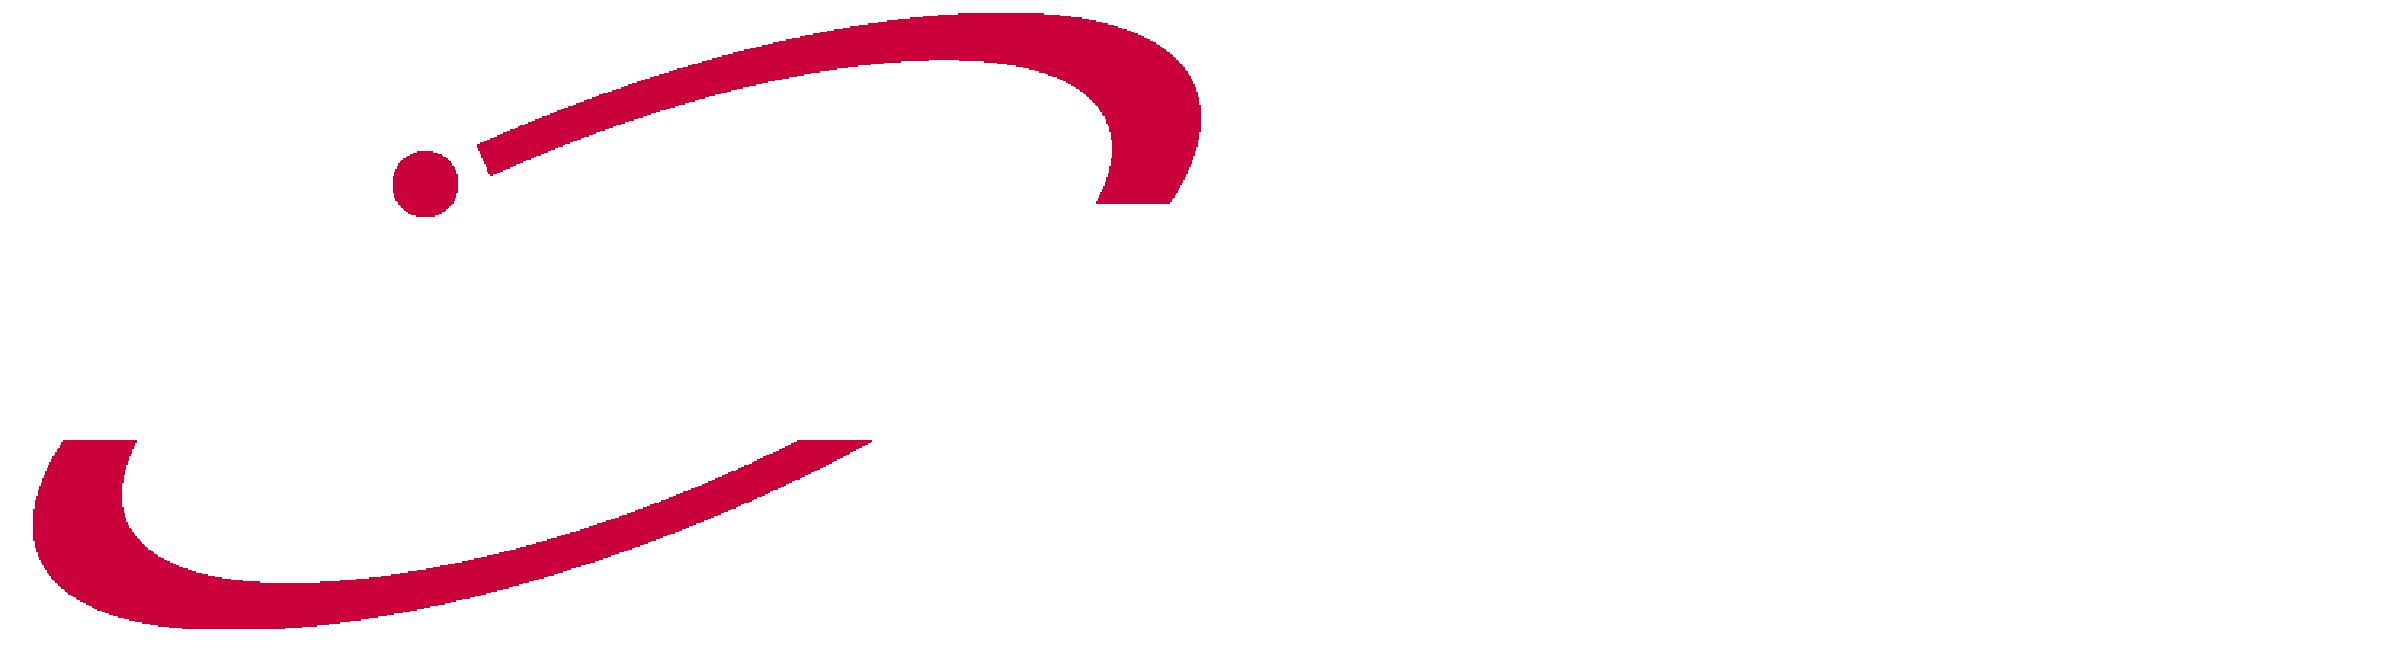 Diacast Truck logo_white